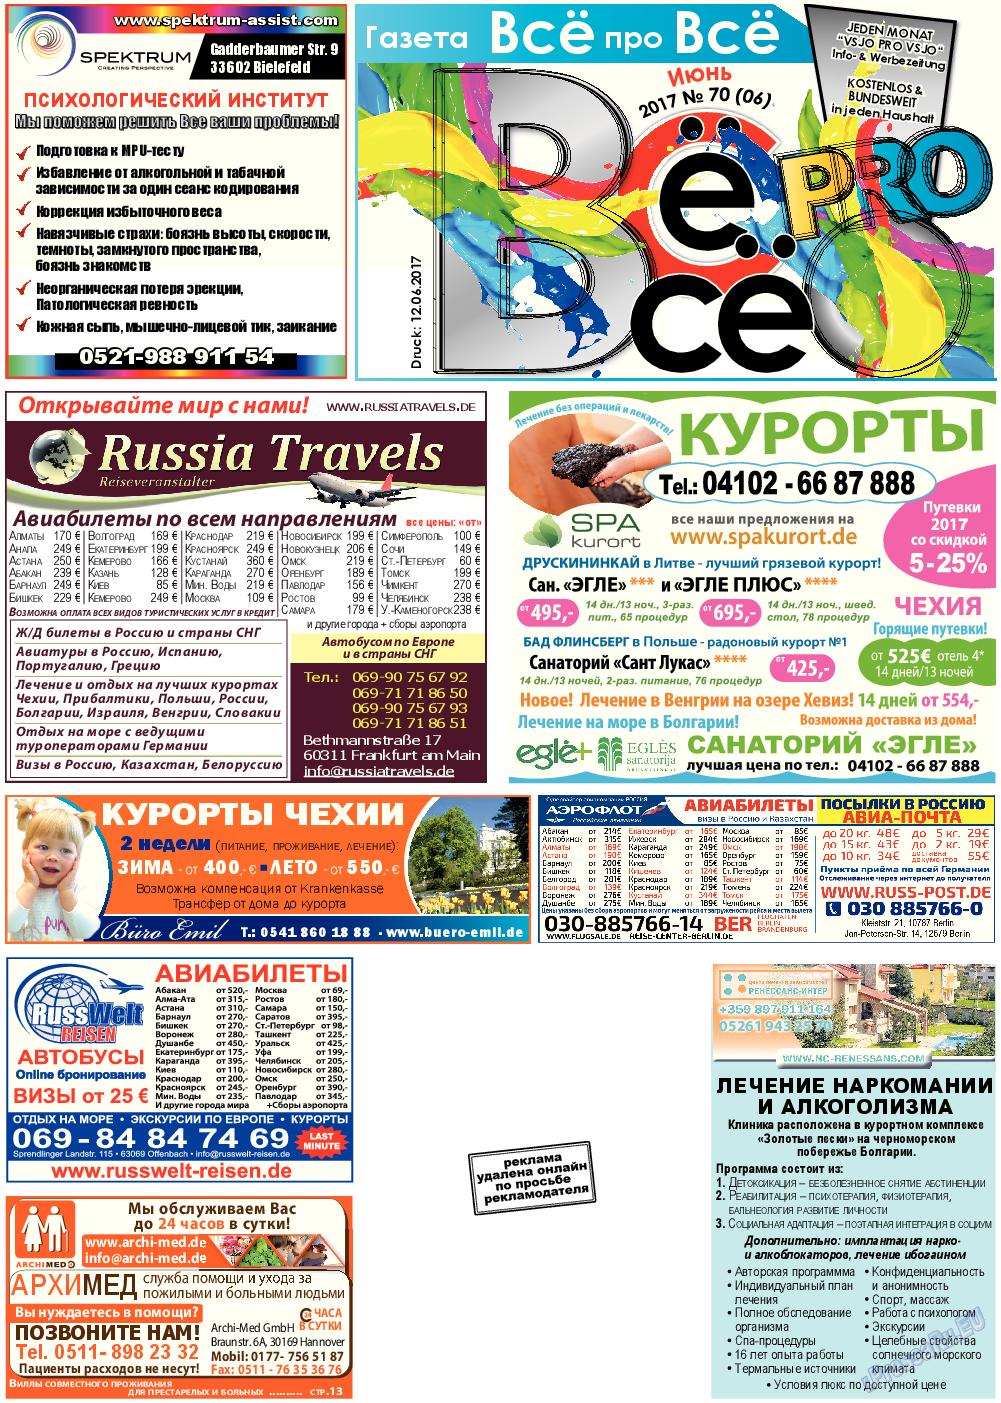 Все pro все (газета). 2017 год, номер 70, стр. 1